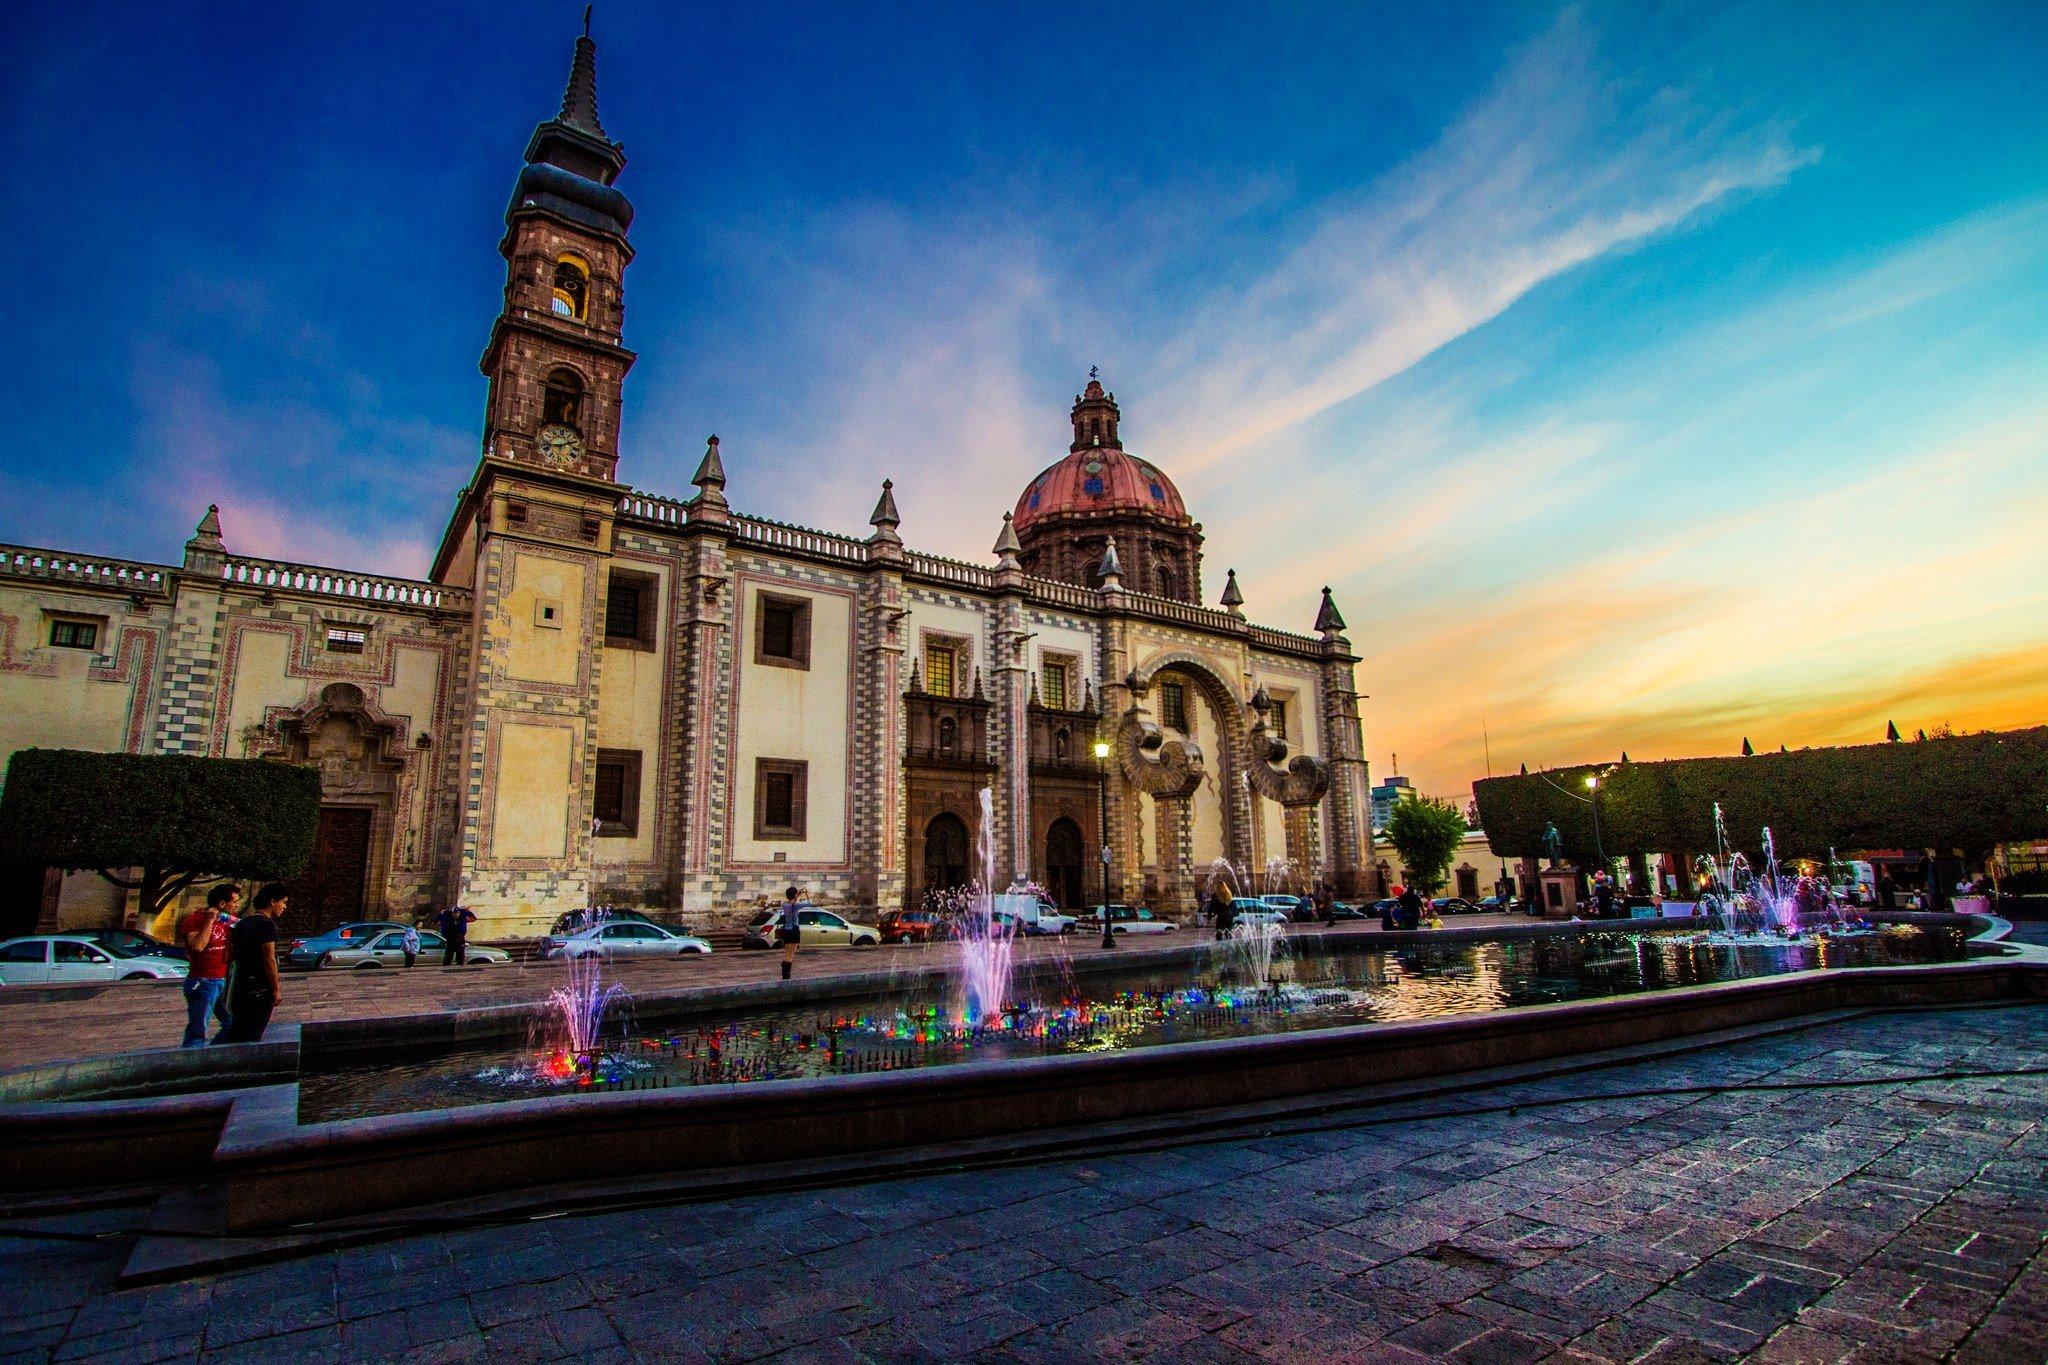 Querétaro destino turístico seguro según lineamientos del Consejo Mundial de Viajes y Turismo